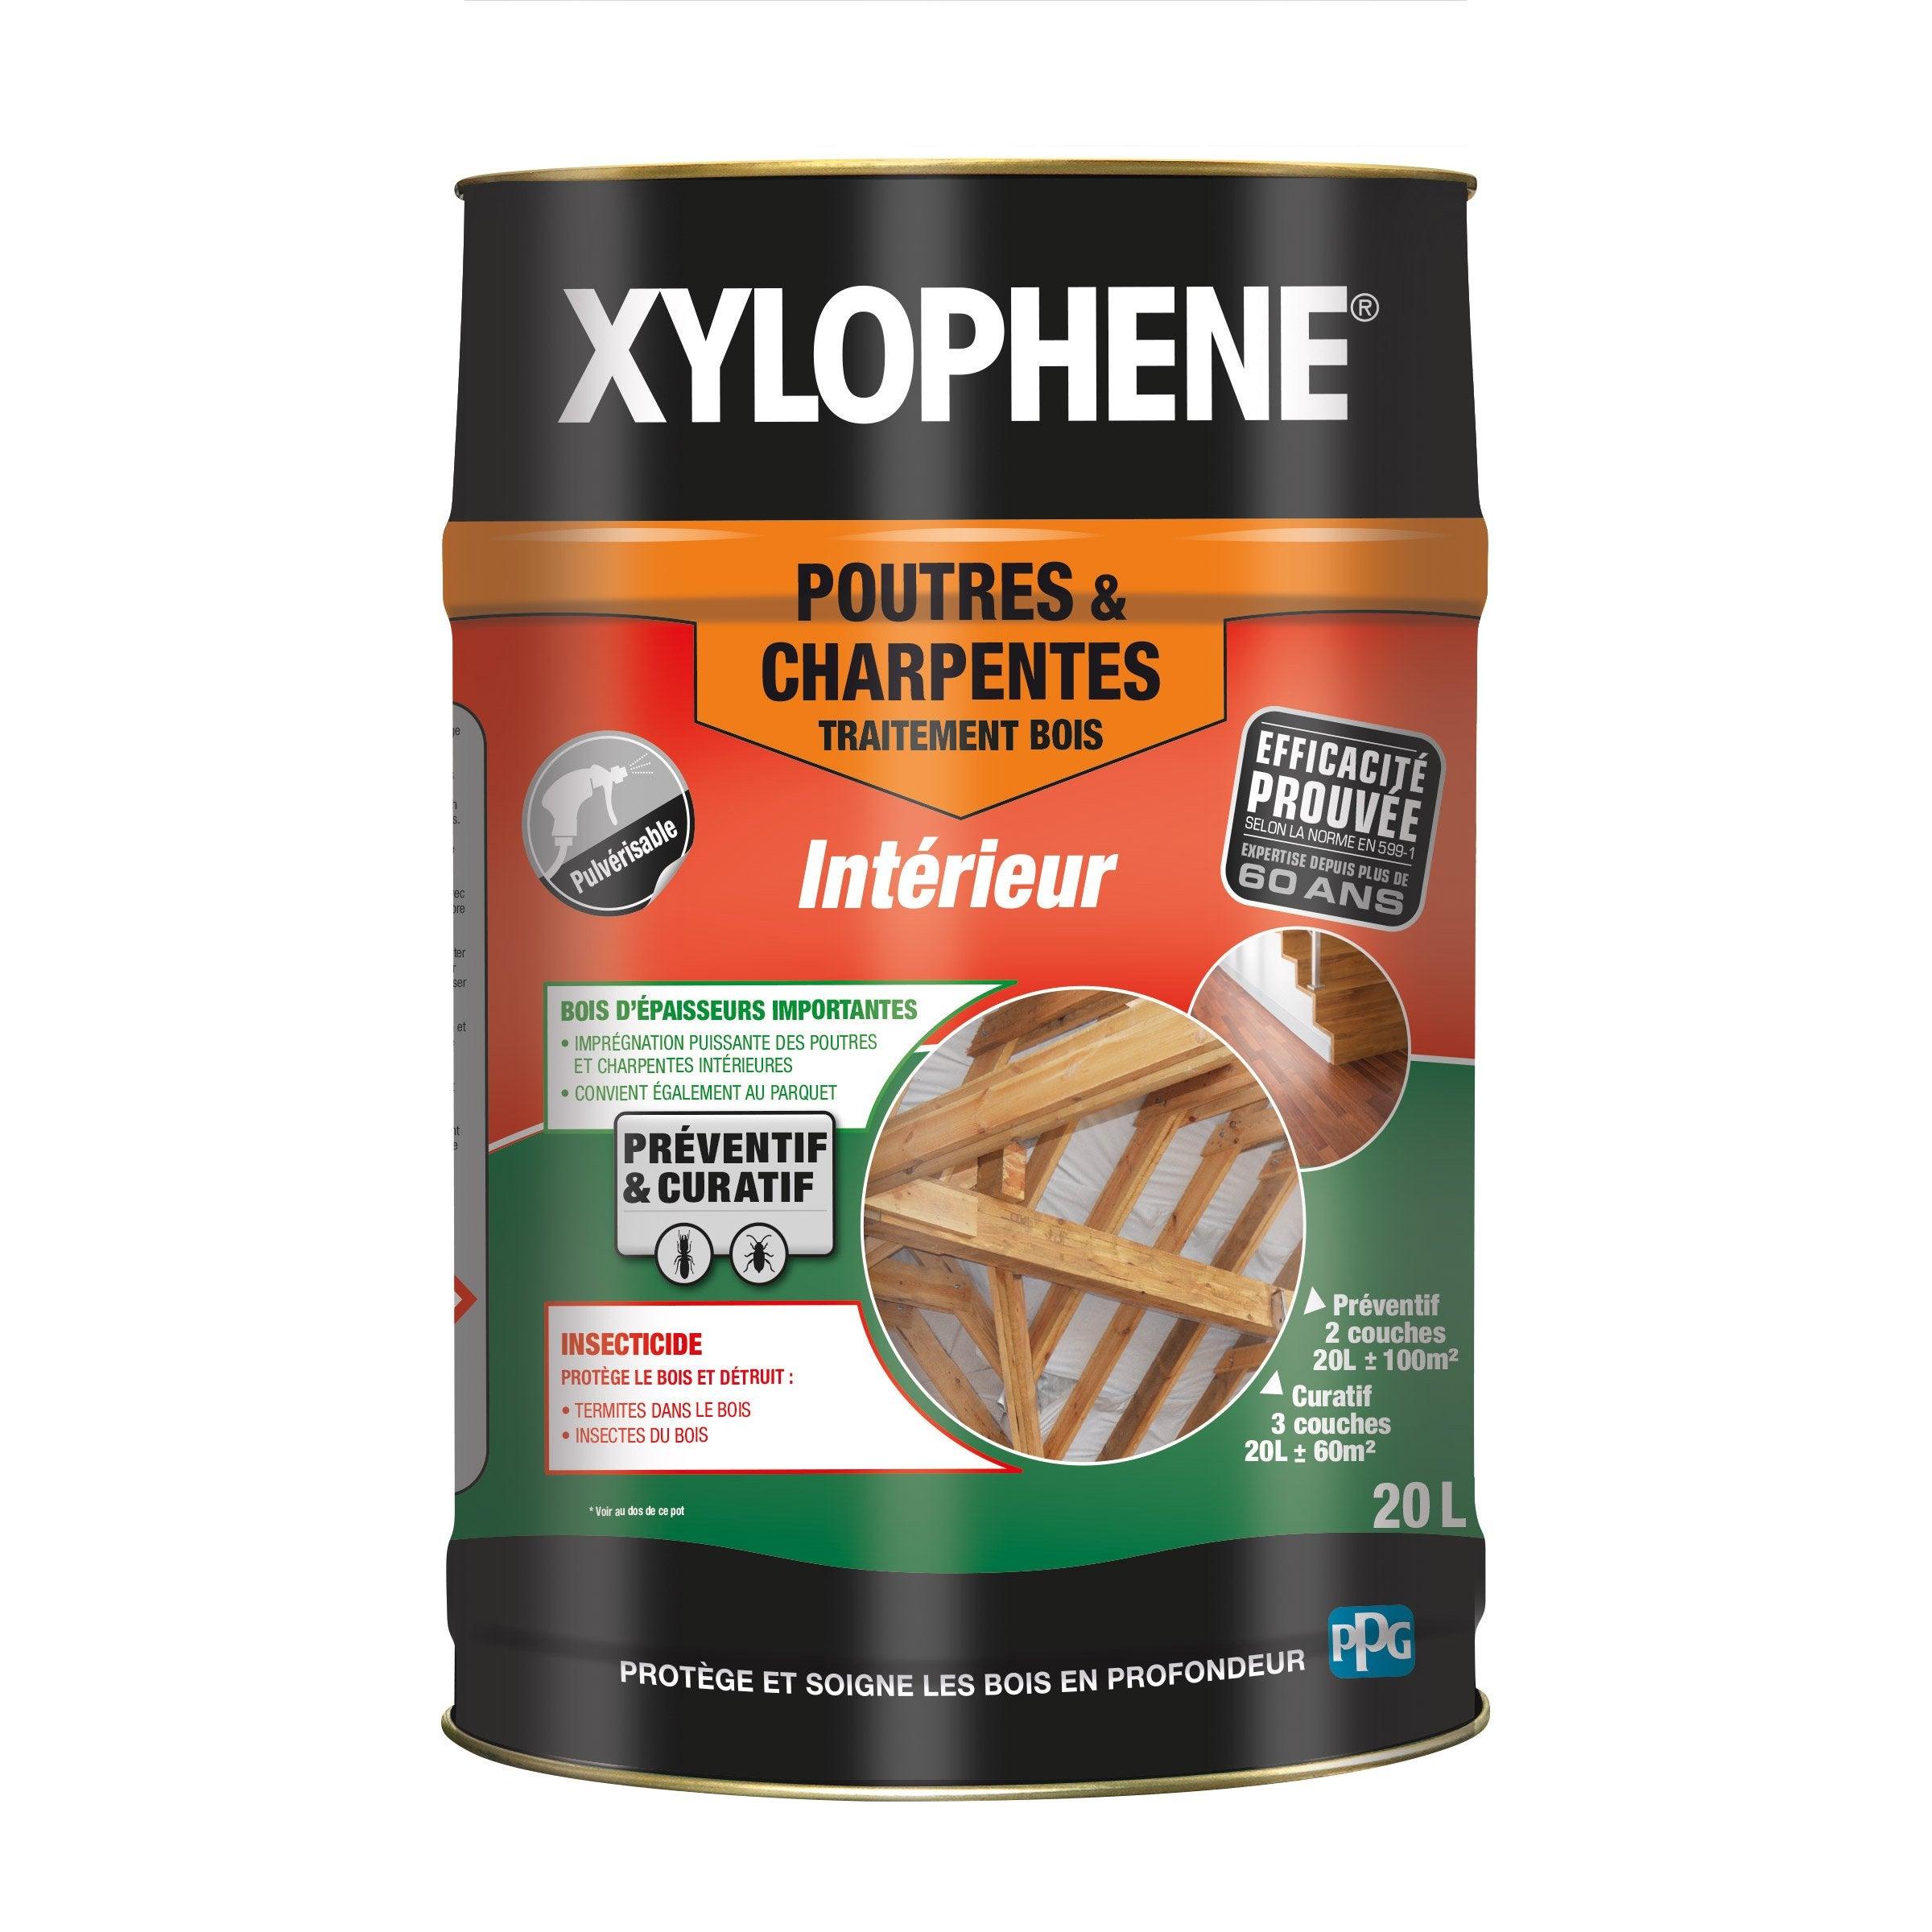 Charpente Bois Poutre Et 20 Xylophene Traitement Du AnsL Yf6Ib7gyv